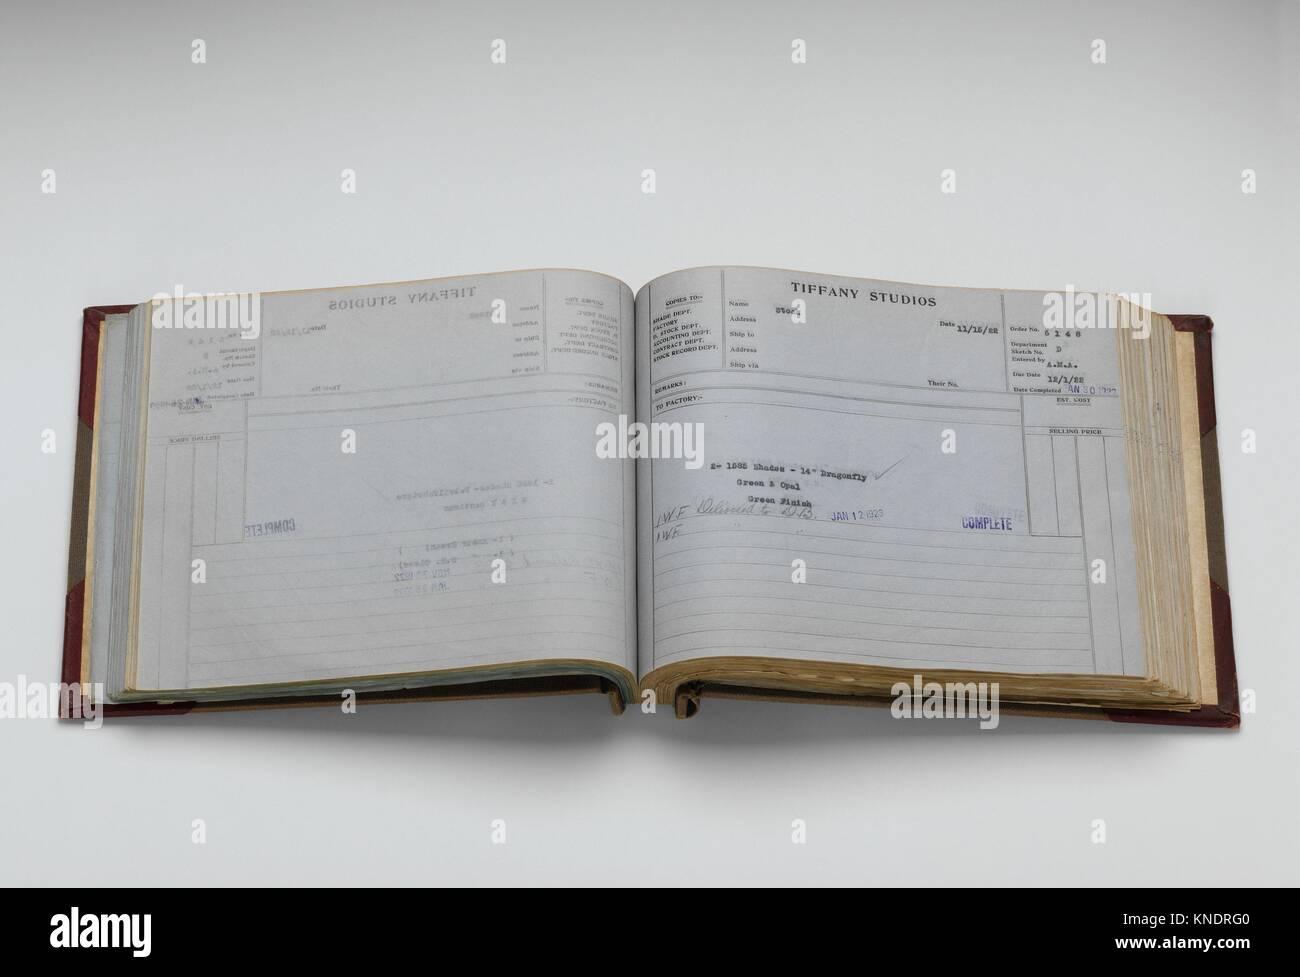 Lámpara Tiffany Studios Departamento Libro de contabilidad. Maker ...